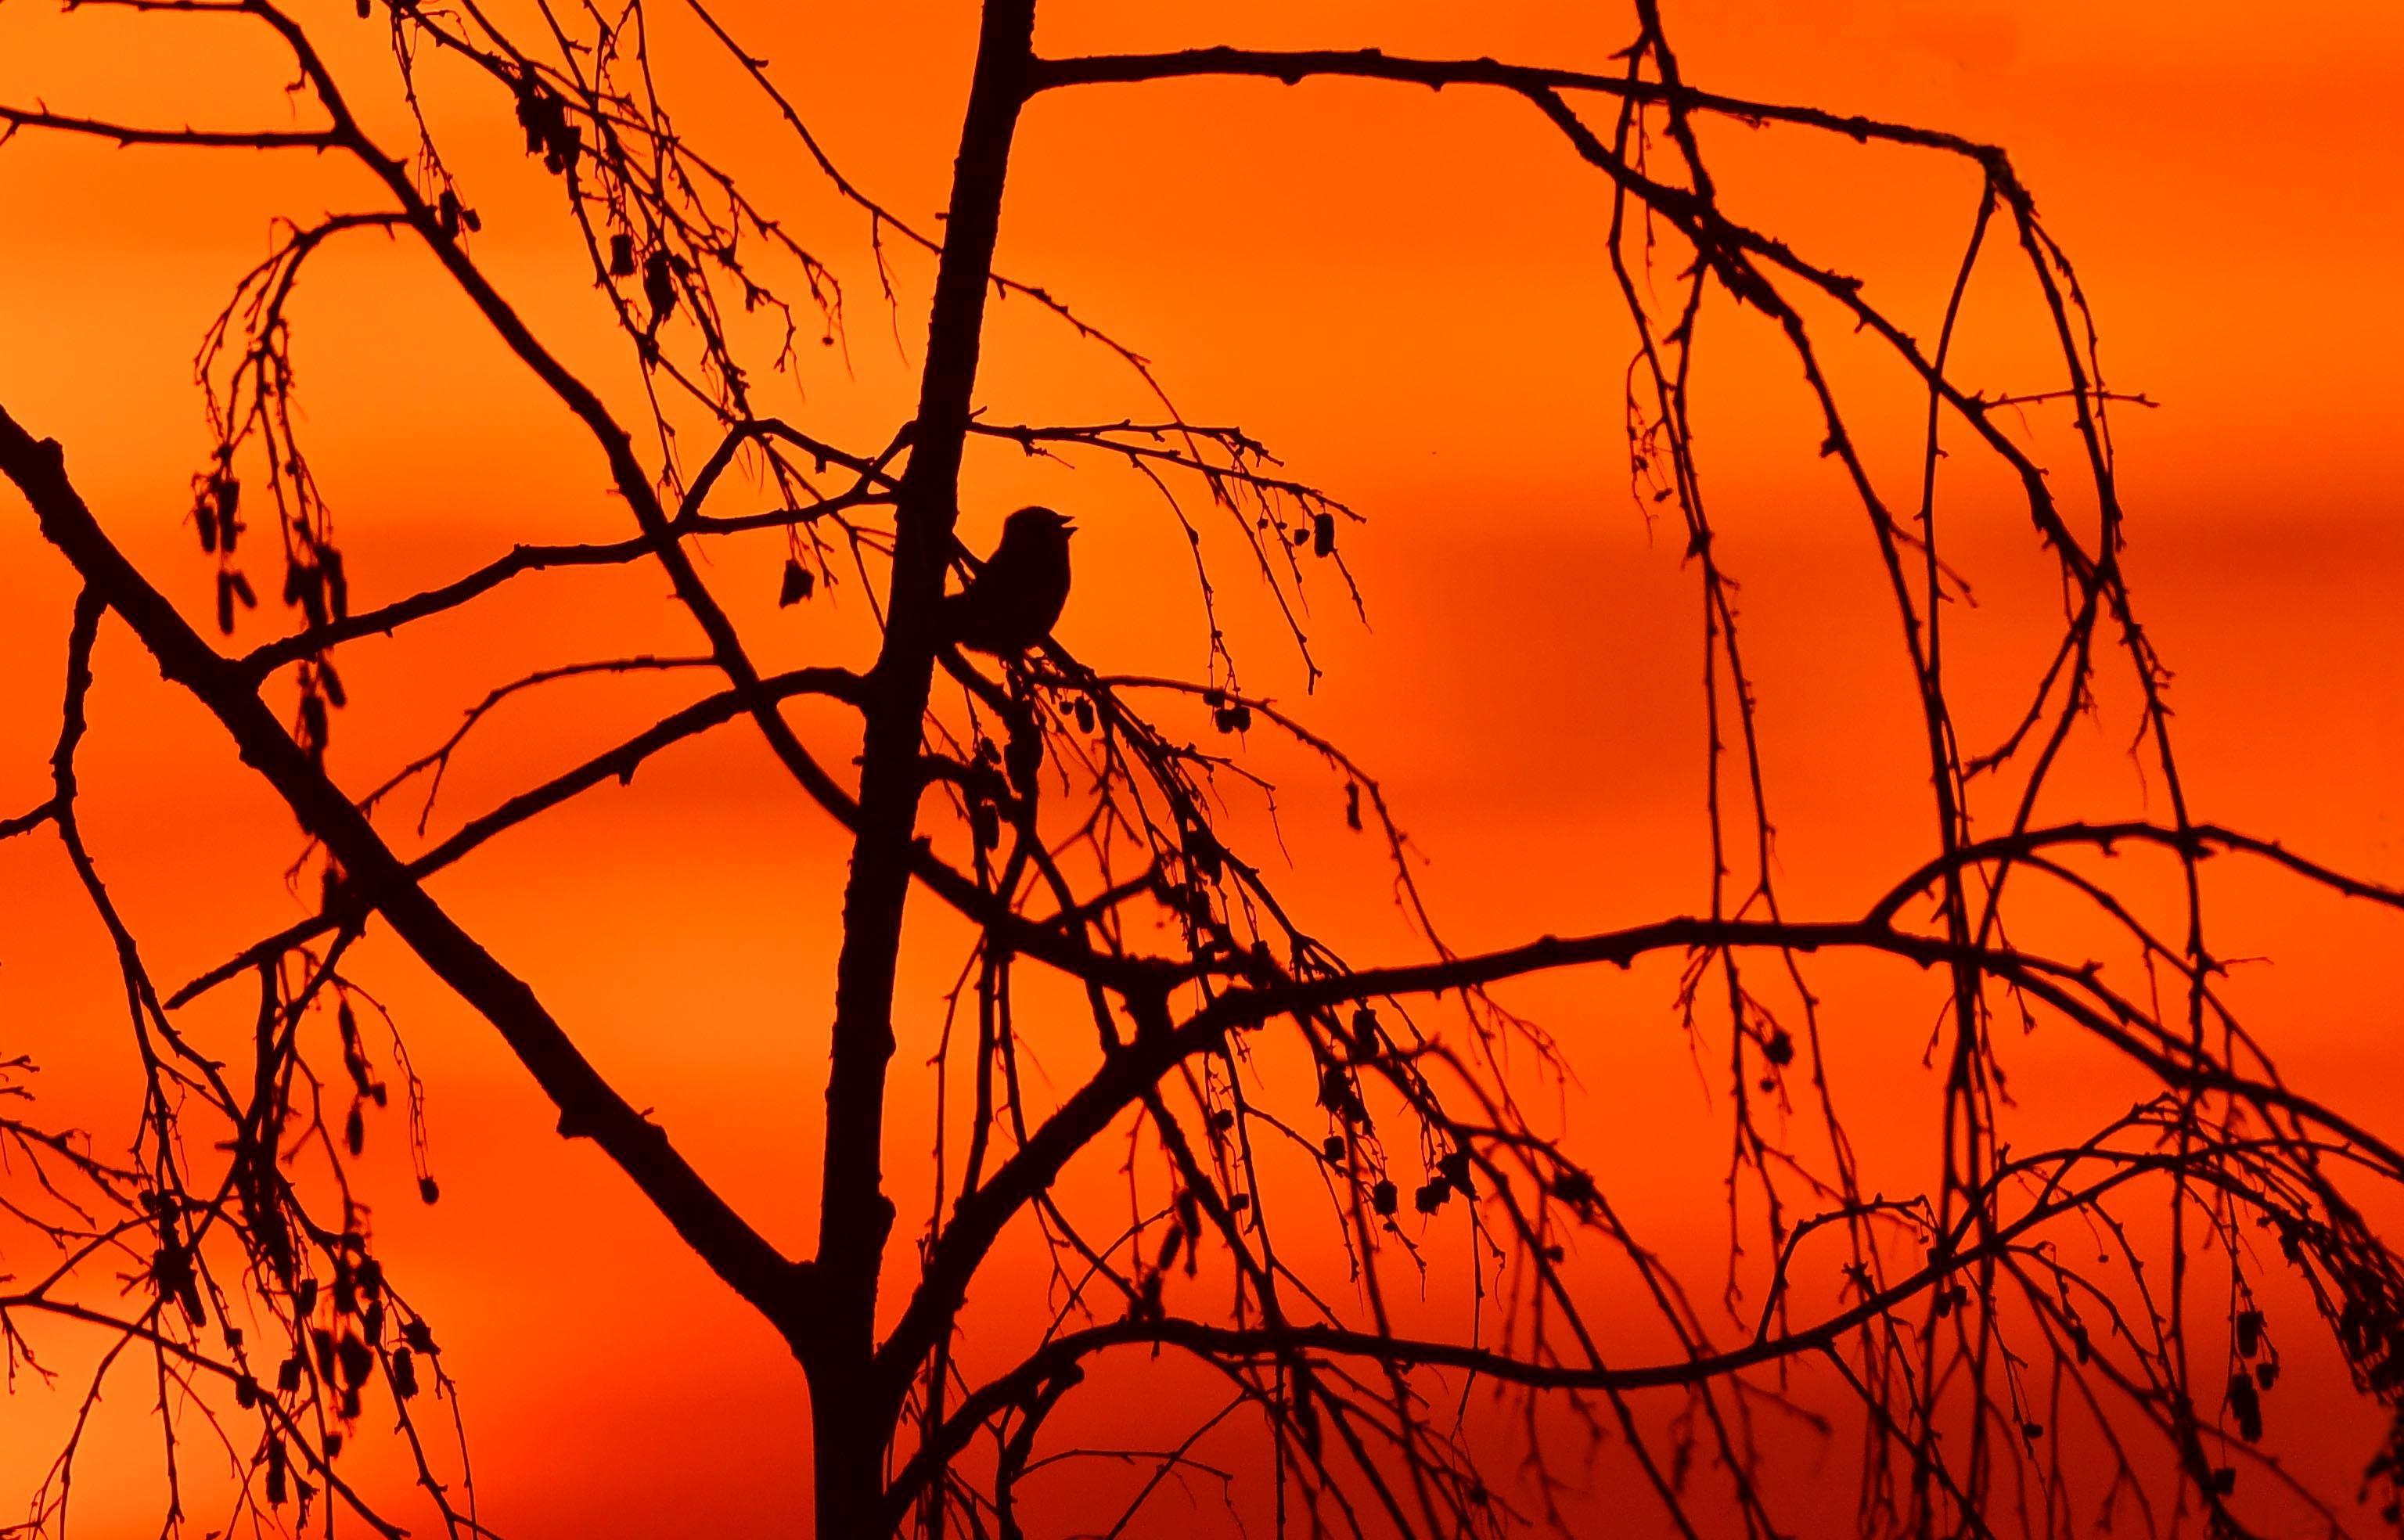 Avondliedje - Een eindje verderop zat boven in een treurberk, een klein vogeltje te zingen. Hoe 'kleurrijker' wil je het nog hebben, samen met zo'n schitterende avondhemel. Met alle dank aan de Schepper van al dit moois! - Foto: ©Louis Fraanje